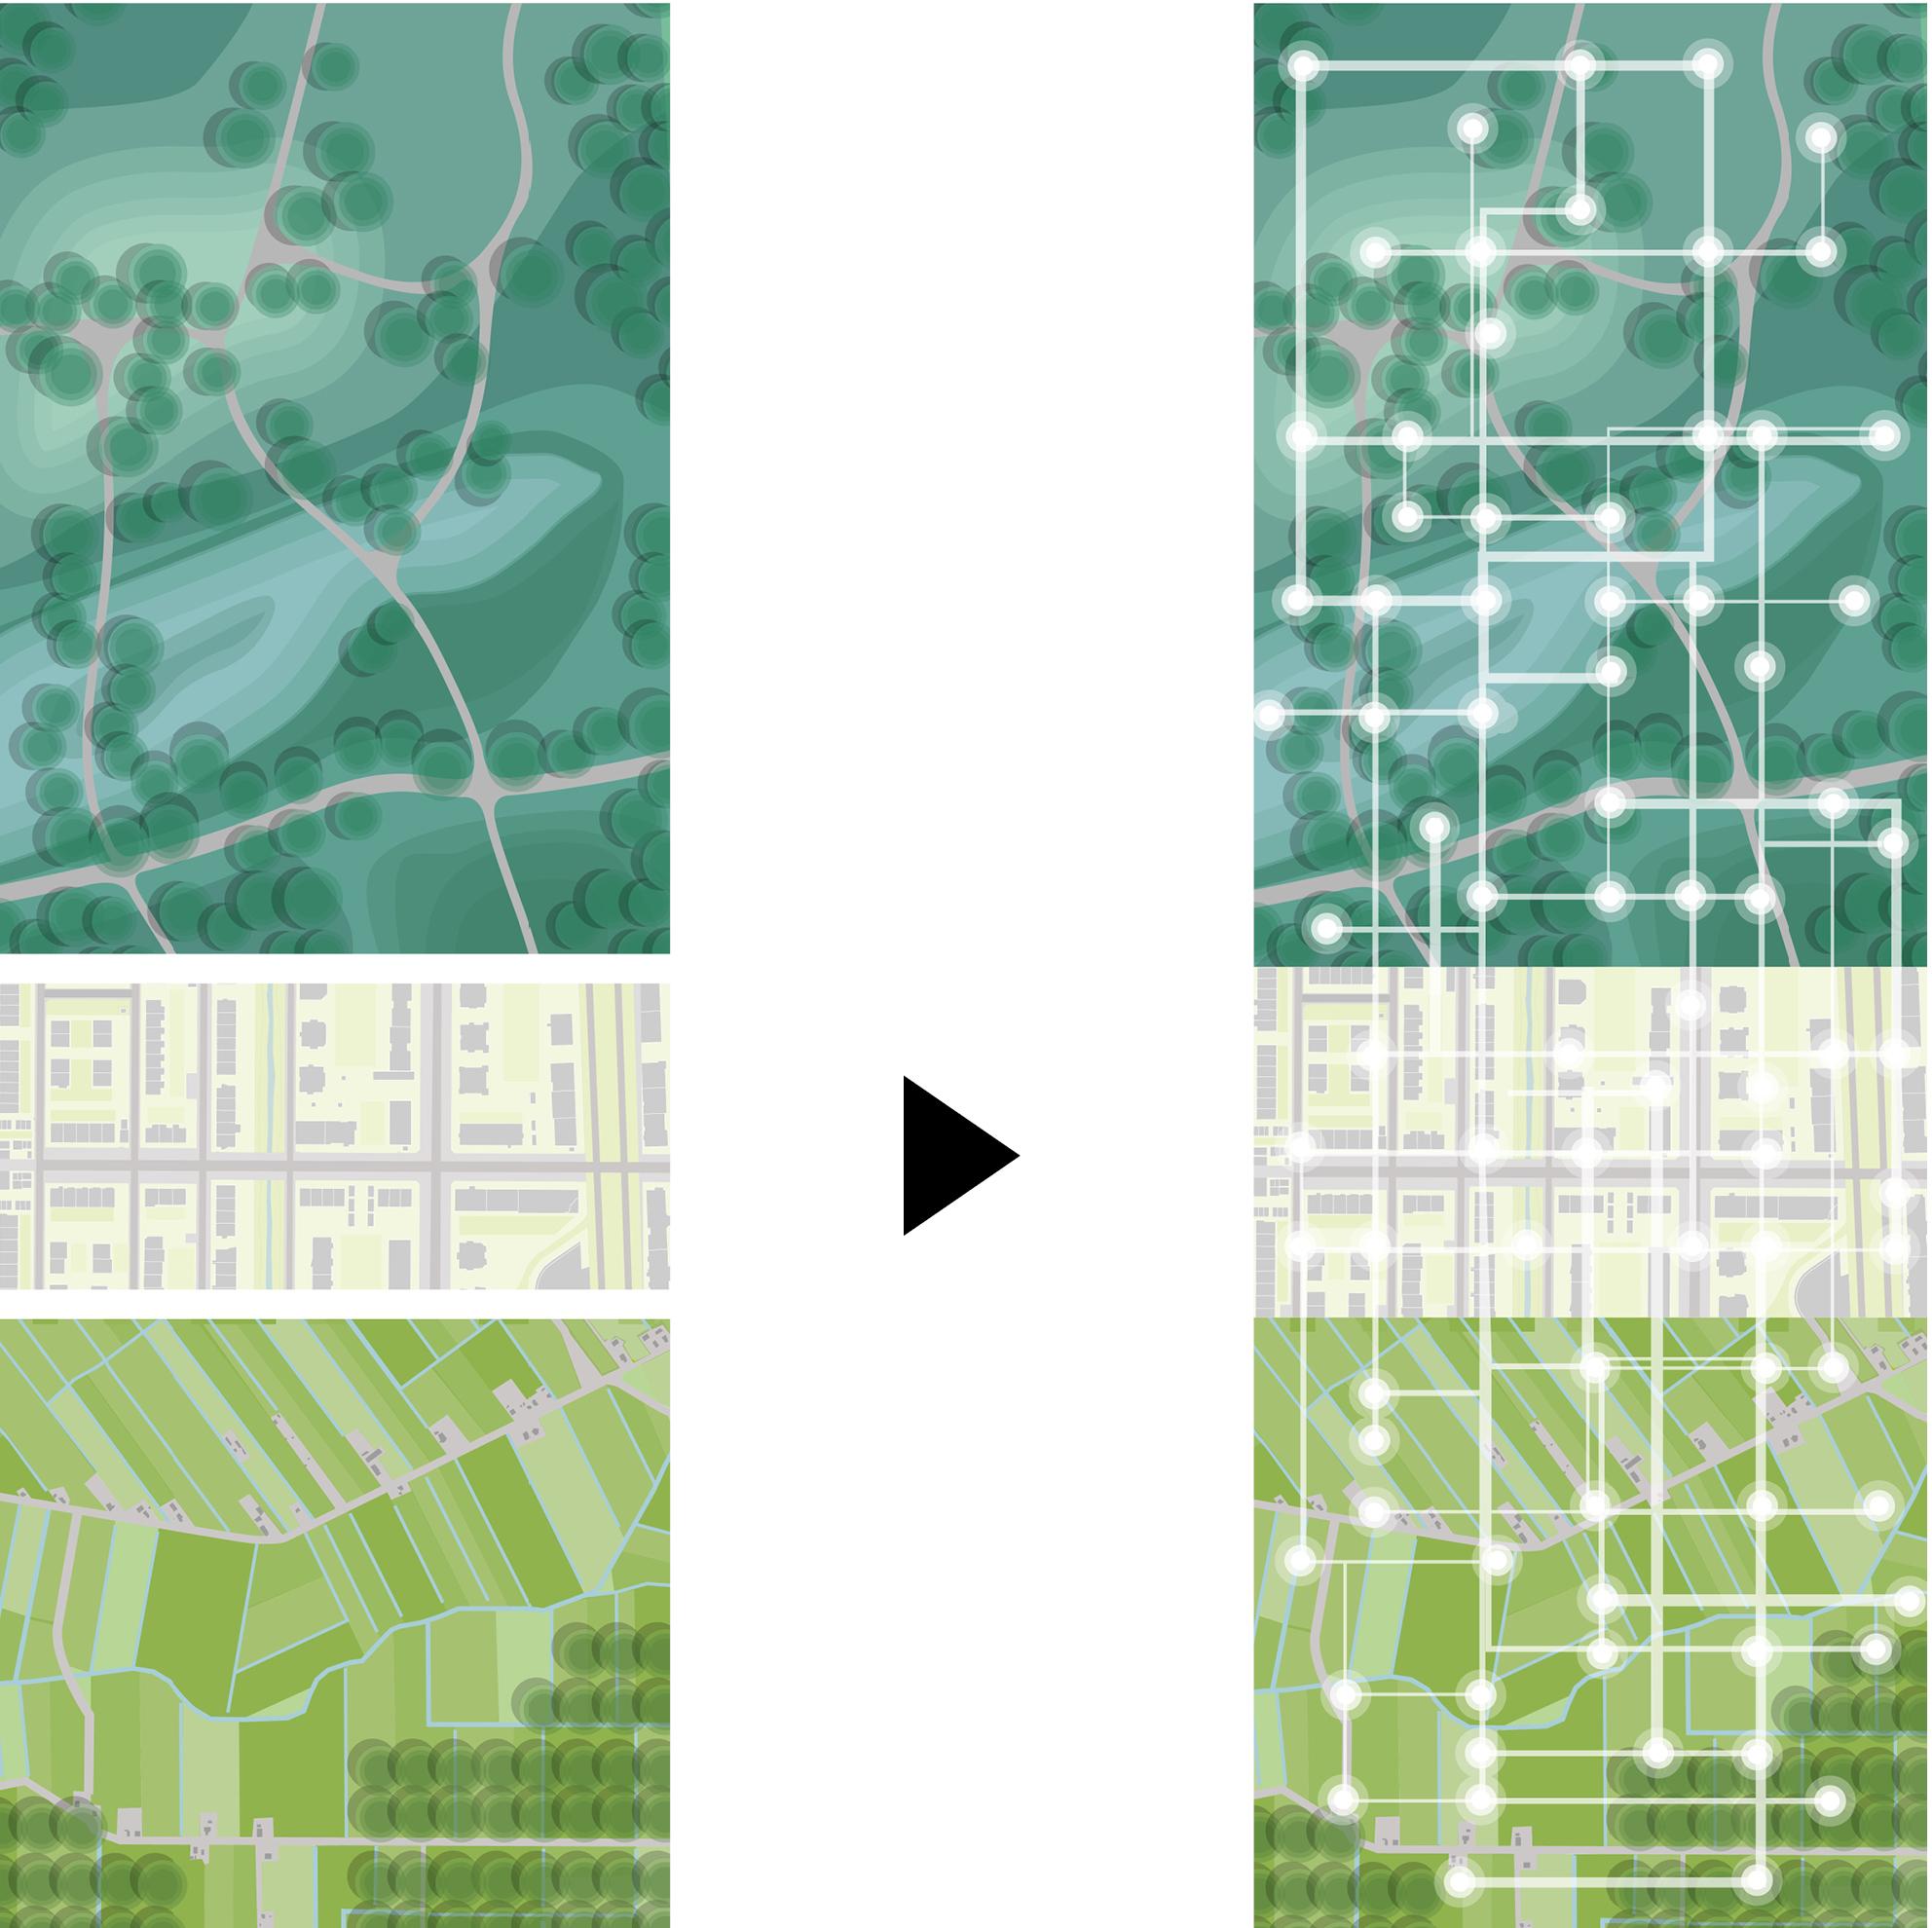 <p>Historische Layout voor een Toekomstig Landschap &#8211; Het huidige landschap rondom Brandevoort is historisch gegroeid, tot een rijke mozaïek van bossen, heidevelden, dorpen en waterrijke gebieden. Ze functioneren als individuele werelden binnen een samengestelde landschap, maar missen de kans om die diversiteit te benutten in een samenwerkende omgeving. Brainport Smart District wil daarom een nieuw hybride landschap genereren dat stedelijke, natuur- en landbouwgronden verbindt. Felixx ontwikkelde 4 ruimtelijke kaders om dit landschap van de toekomst te organiseren.</p>